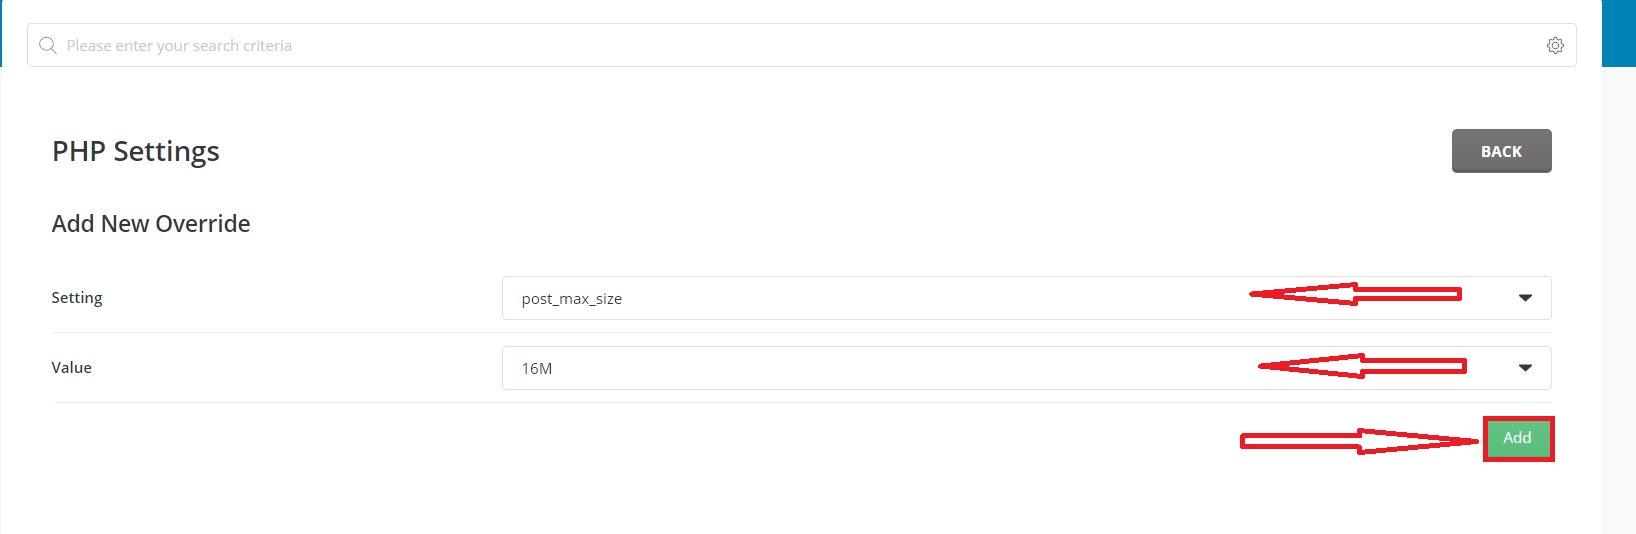 تغییر کانفیگ PHP در دایرکت ادمین